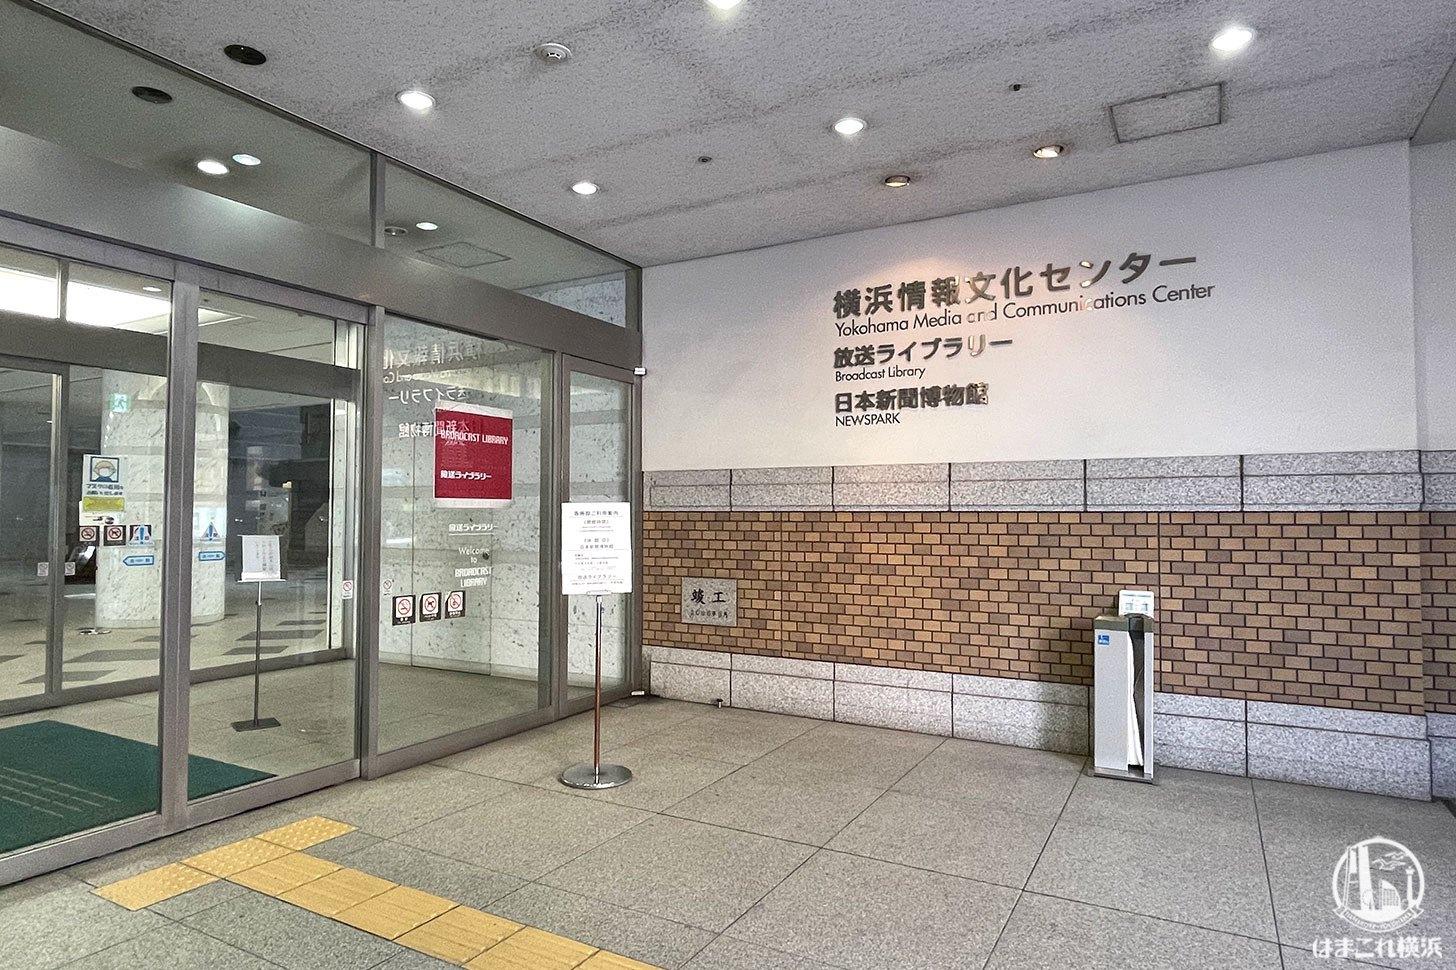 ニュースパーク(日本新聞博物館)入口